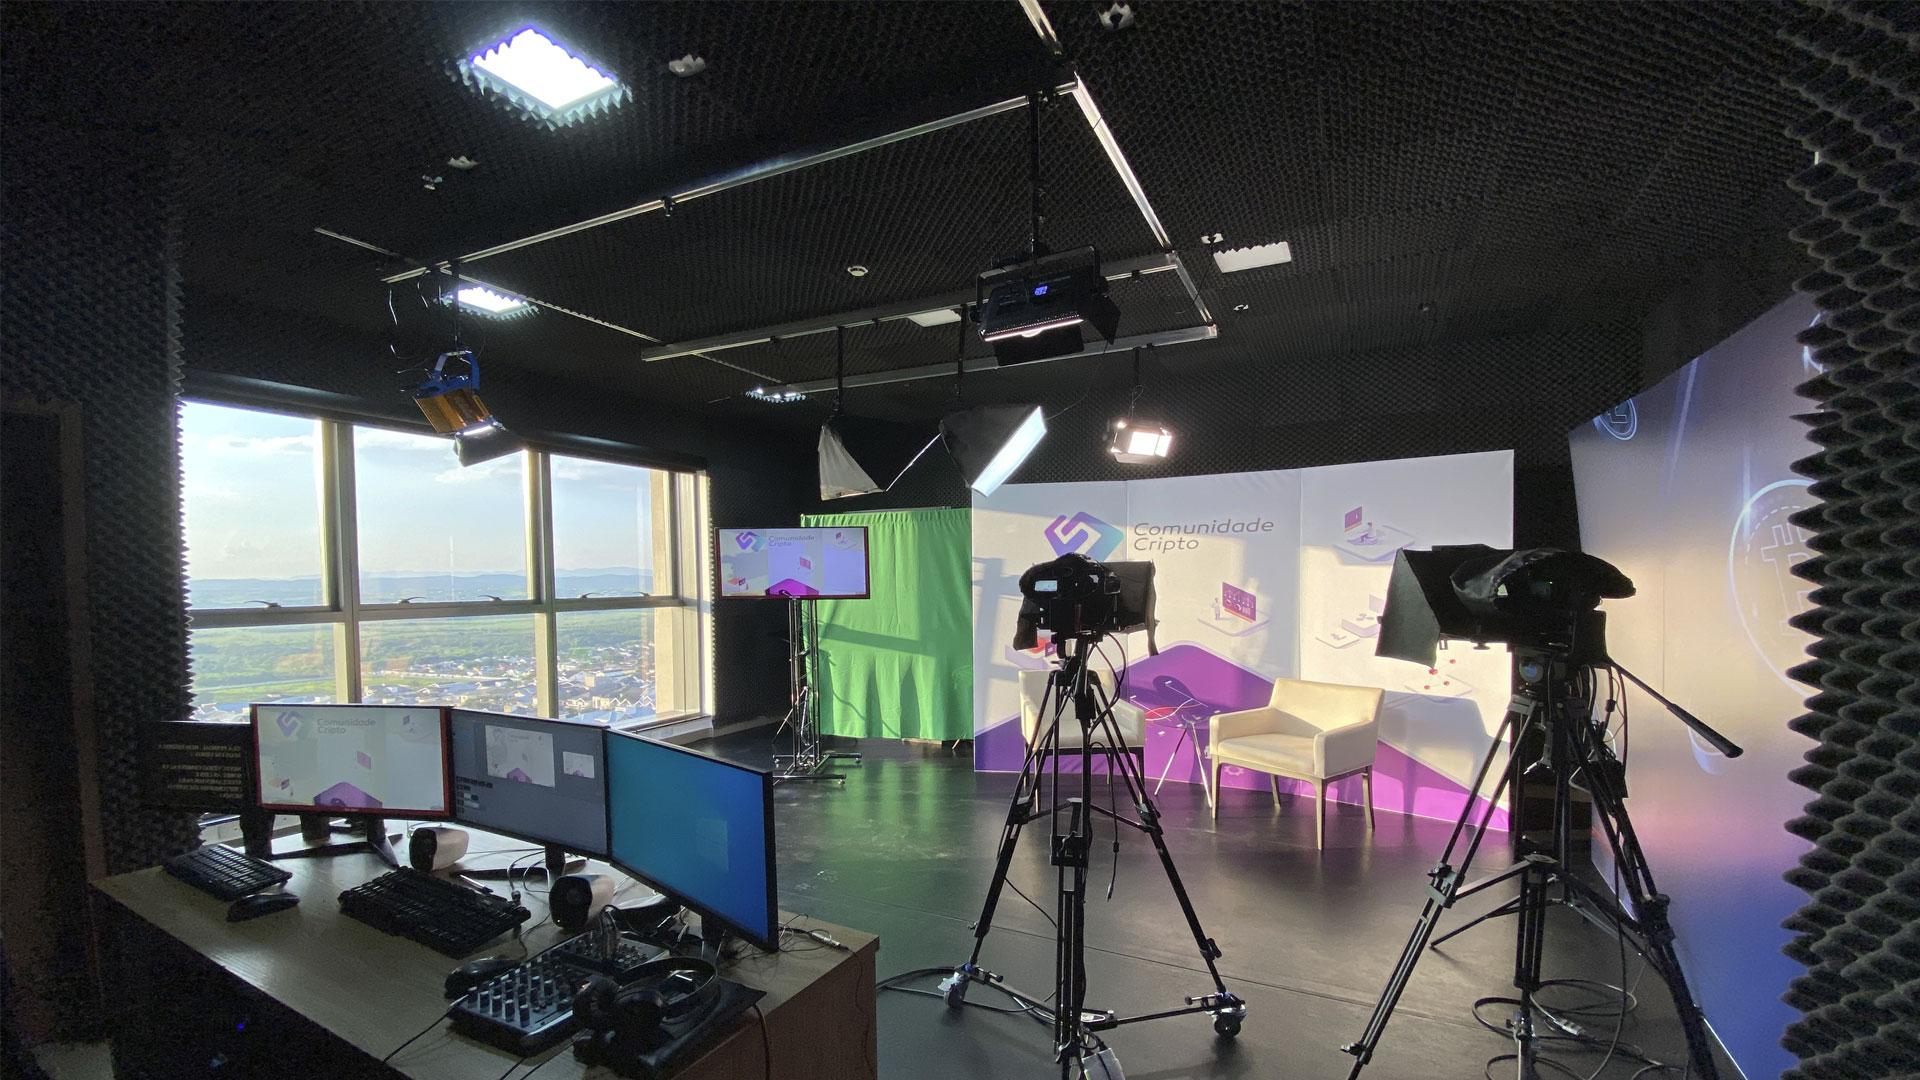 Estudio VideoLab 02